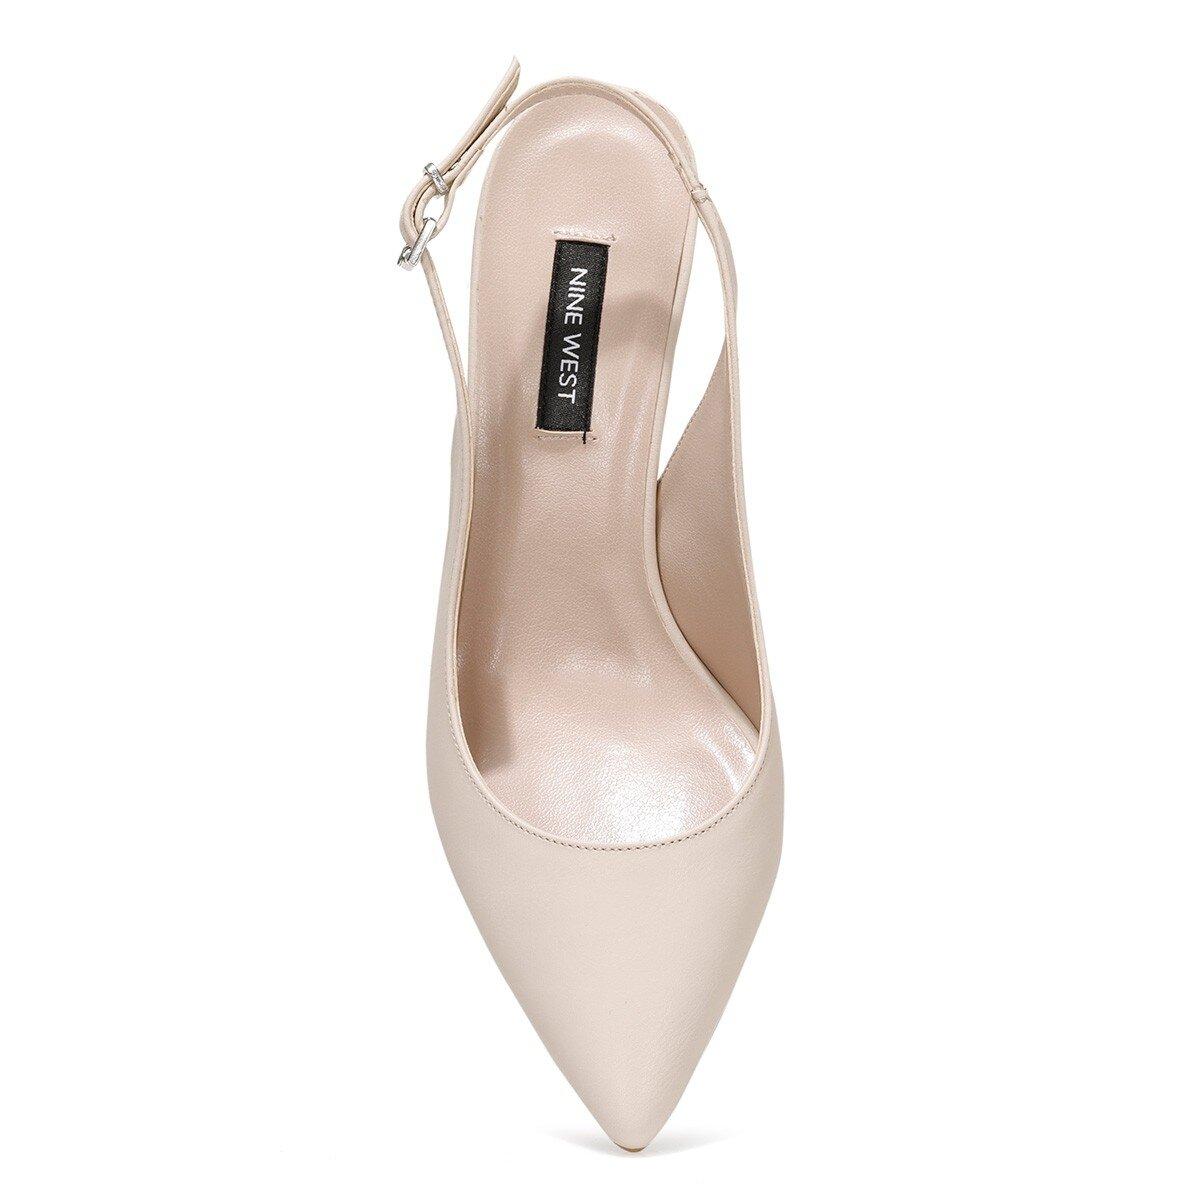 HALBEY 1FX Açık Bej Kadın Gova Ayakkabı